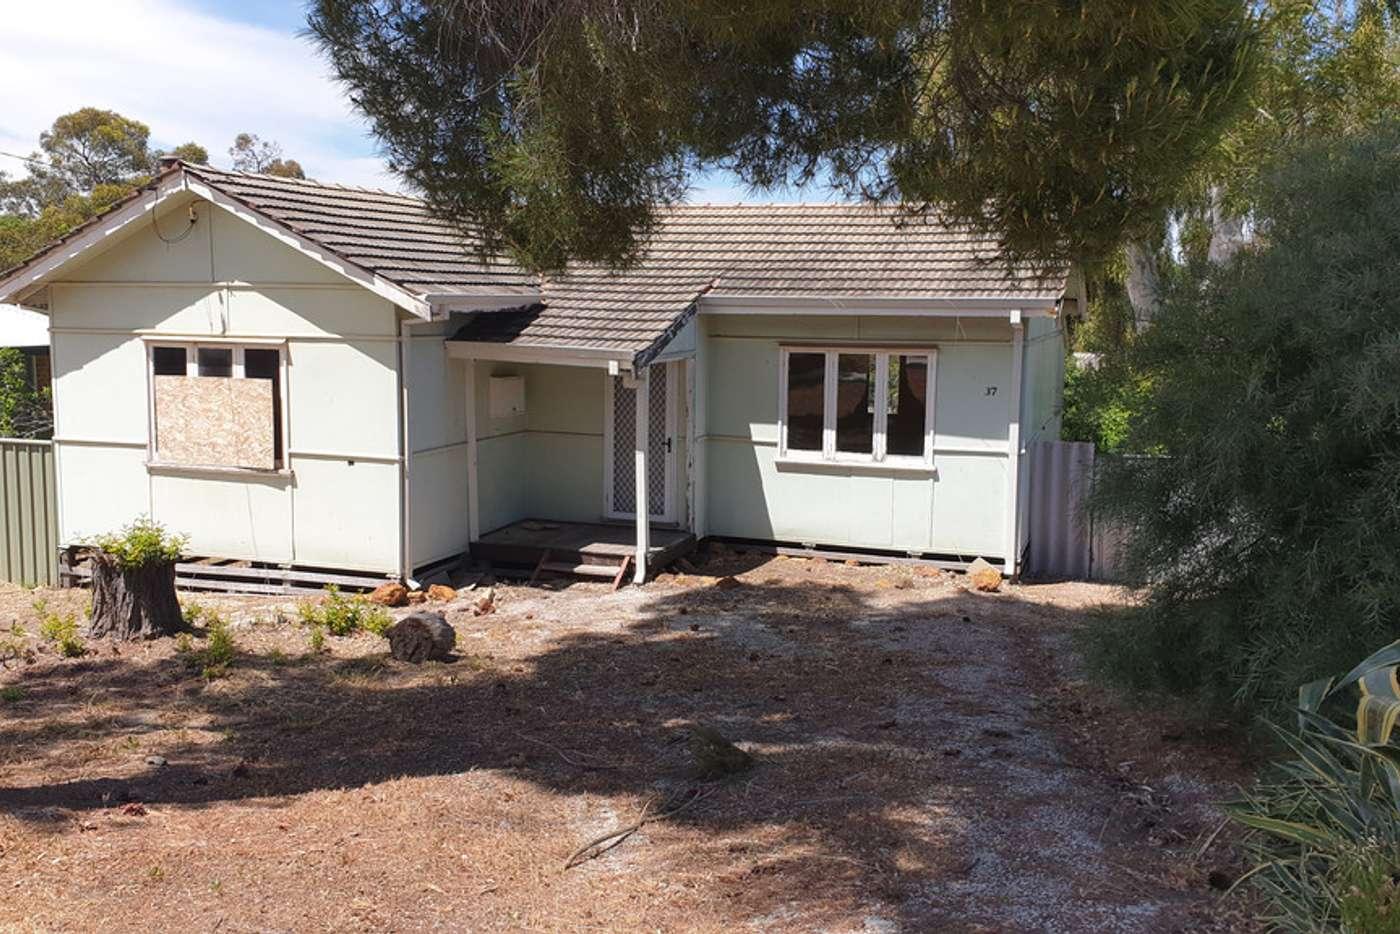 Main view of Homely house listing, 37 Lobelia Avenue, Wundowie WA 6560